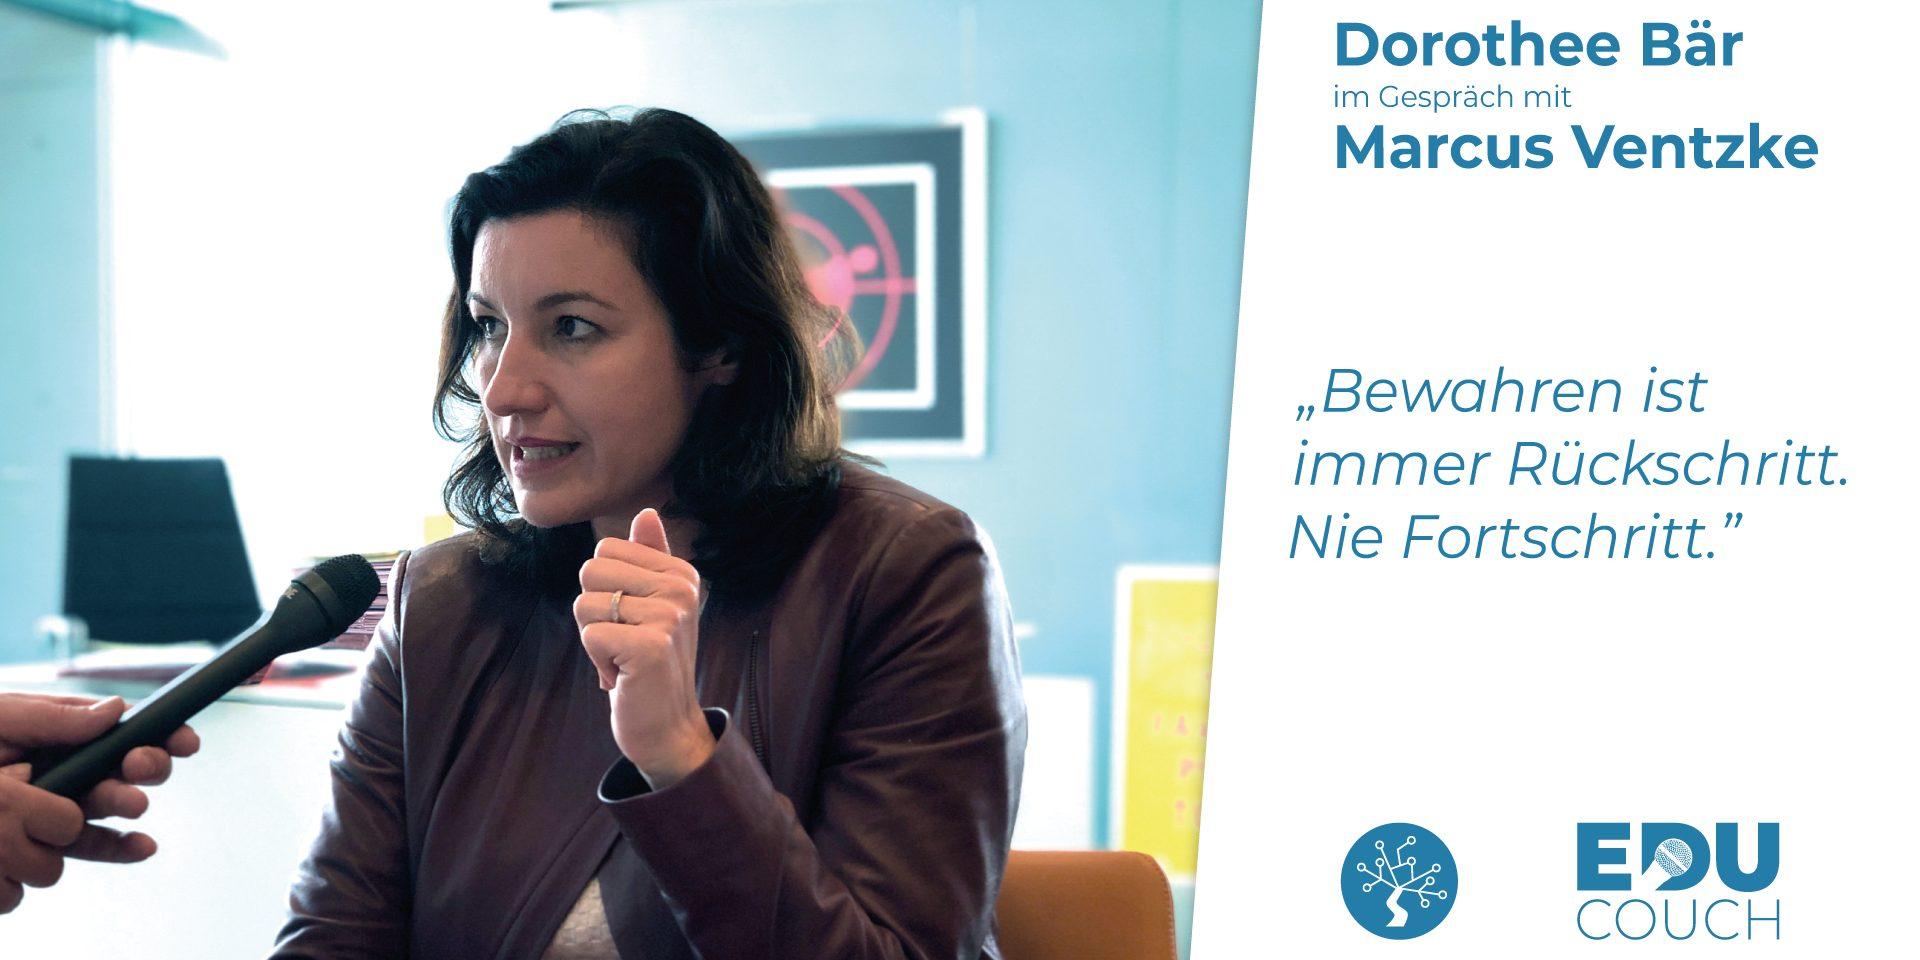 Dorothee Bär im Gespräch mit Marcus Ventzke bei der EduCouch